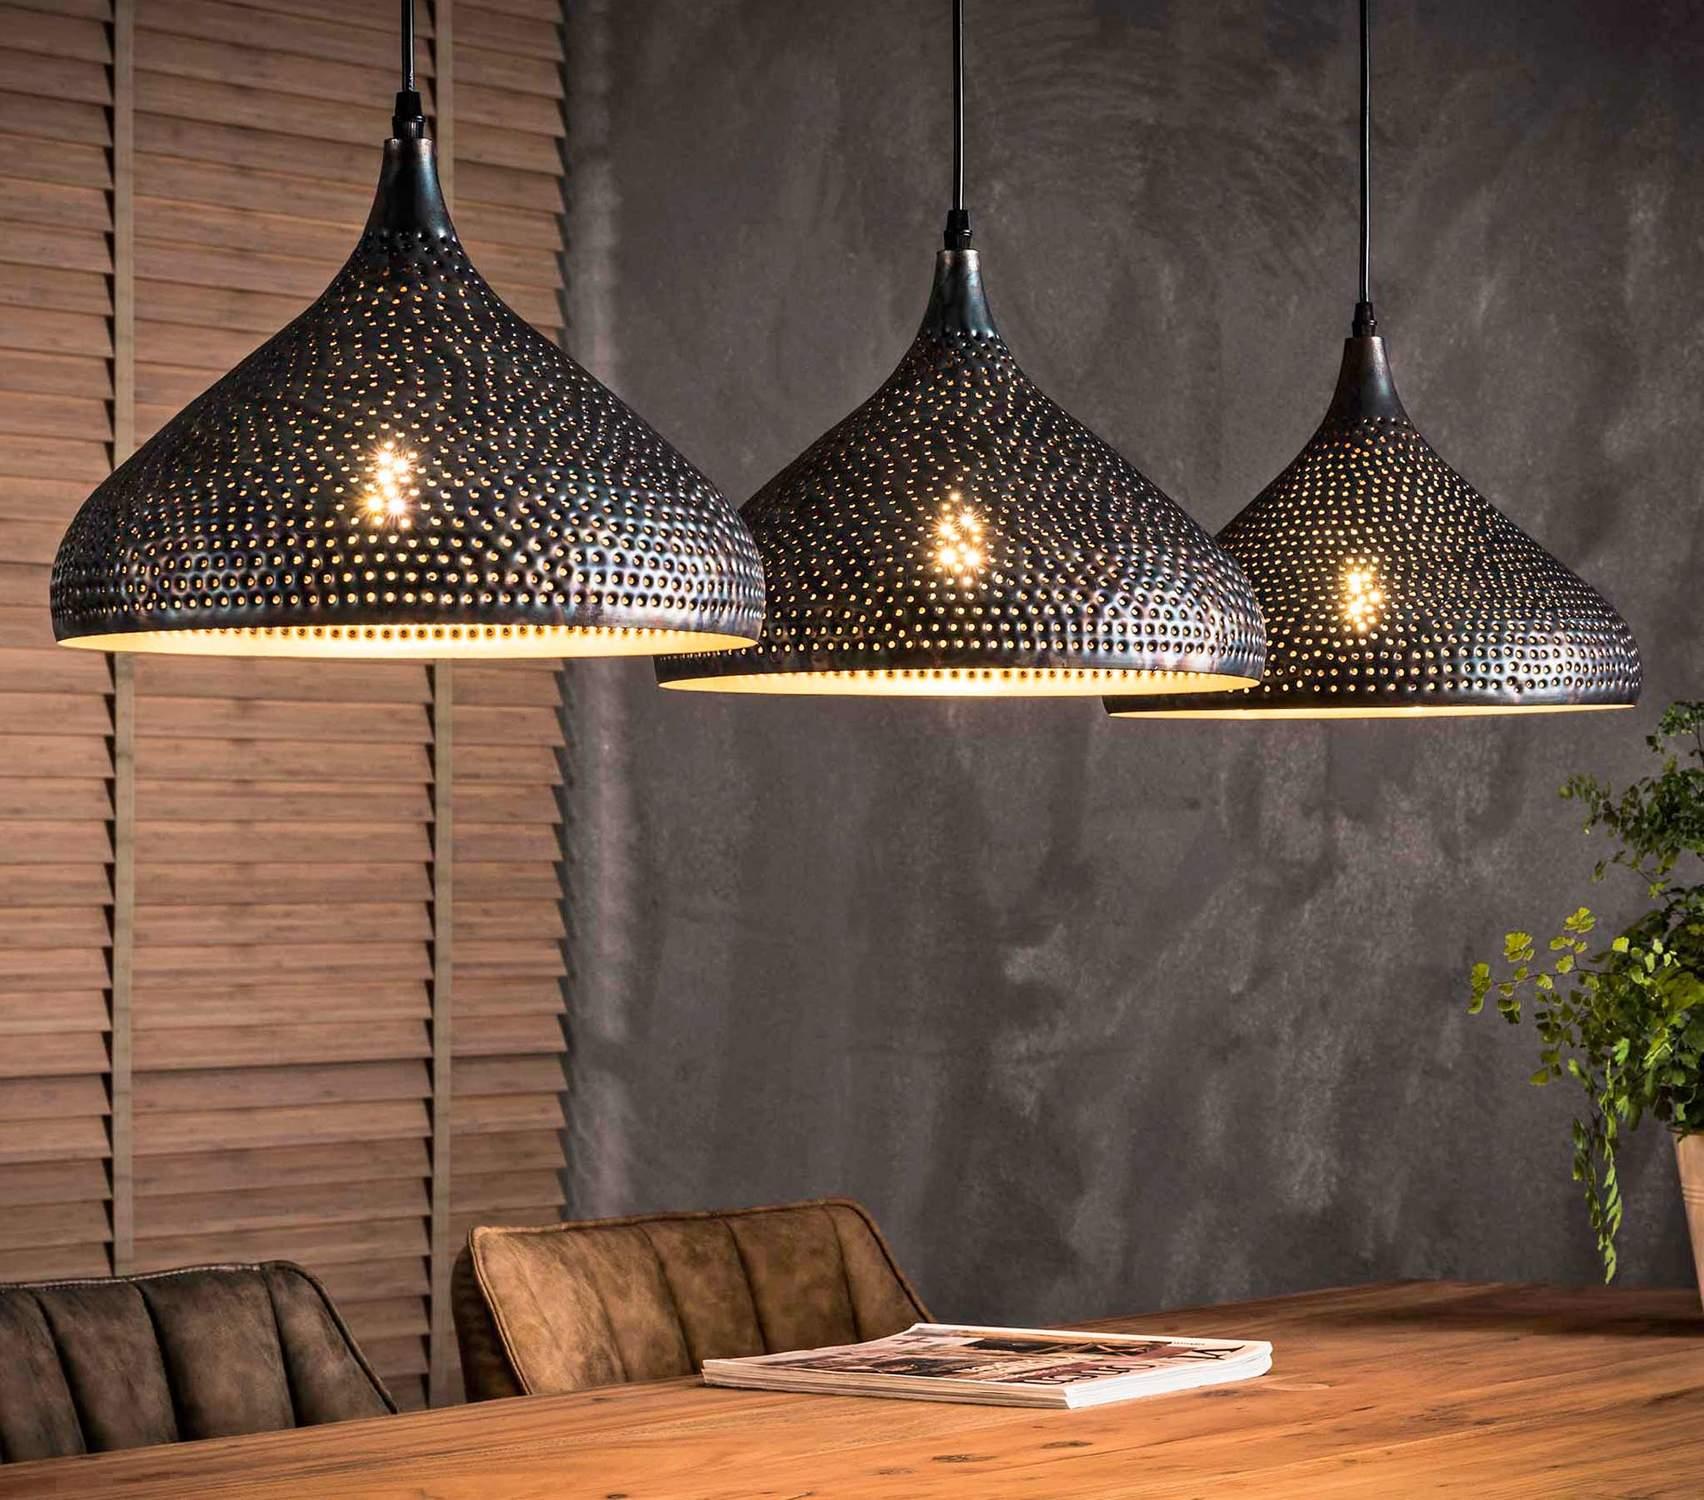 pendelleuchte braun preisvergleich die besten angebote. Black Bedroom Furniture Sets. Home Design Ideas